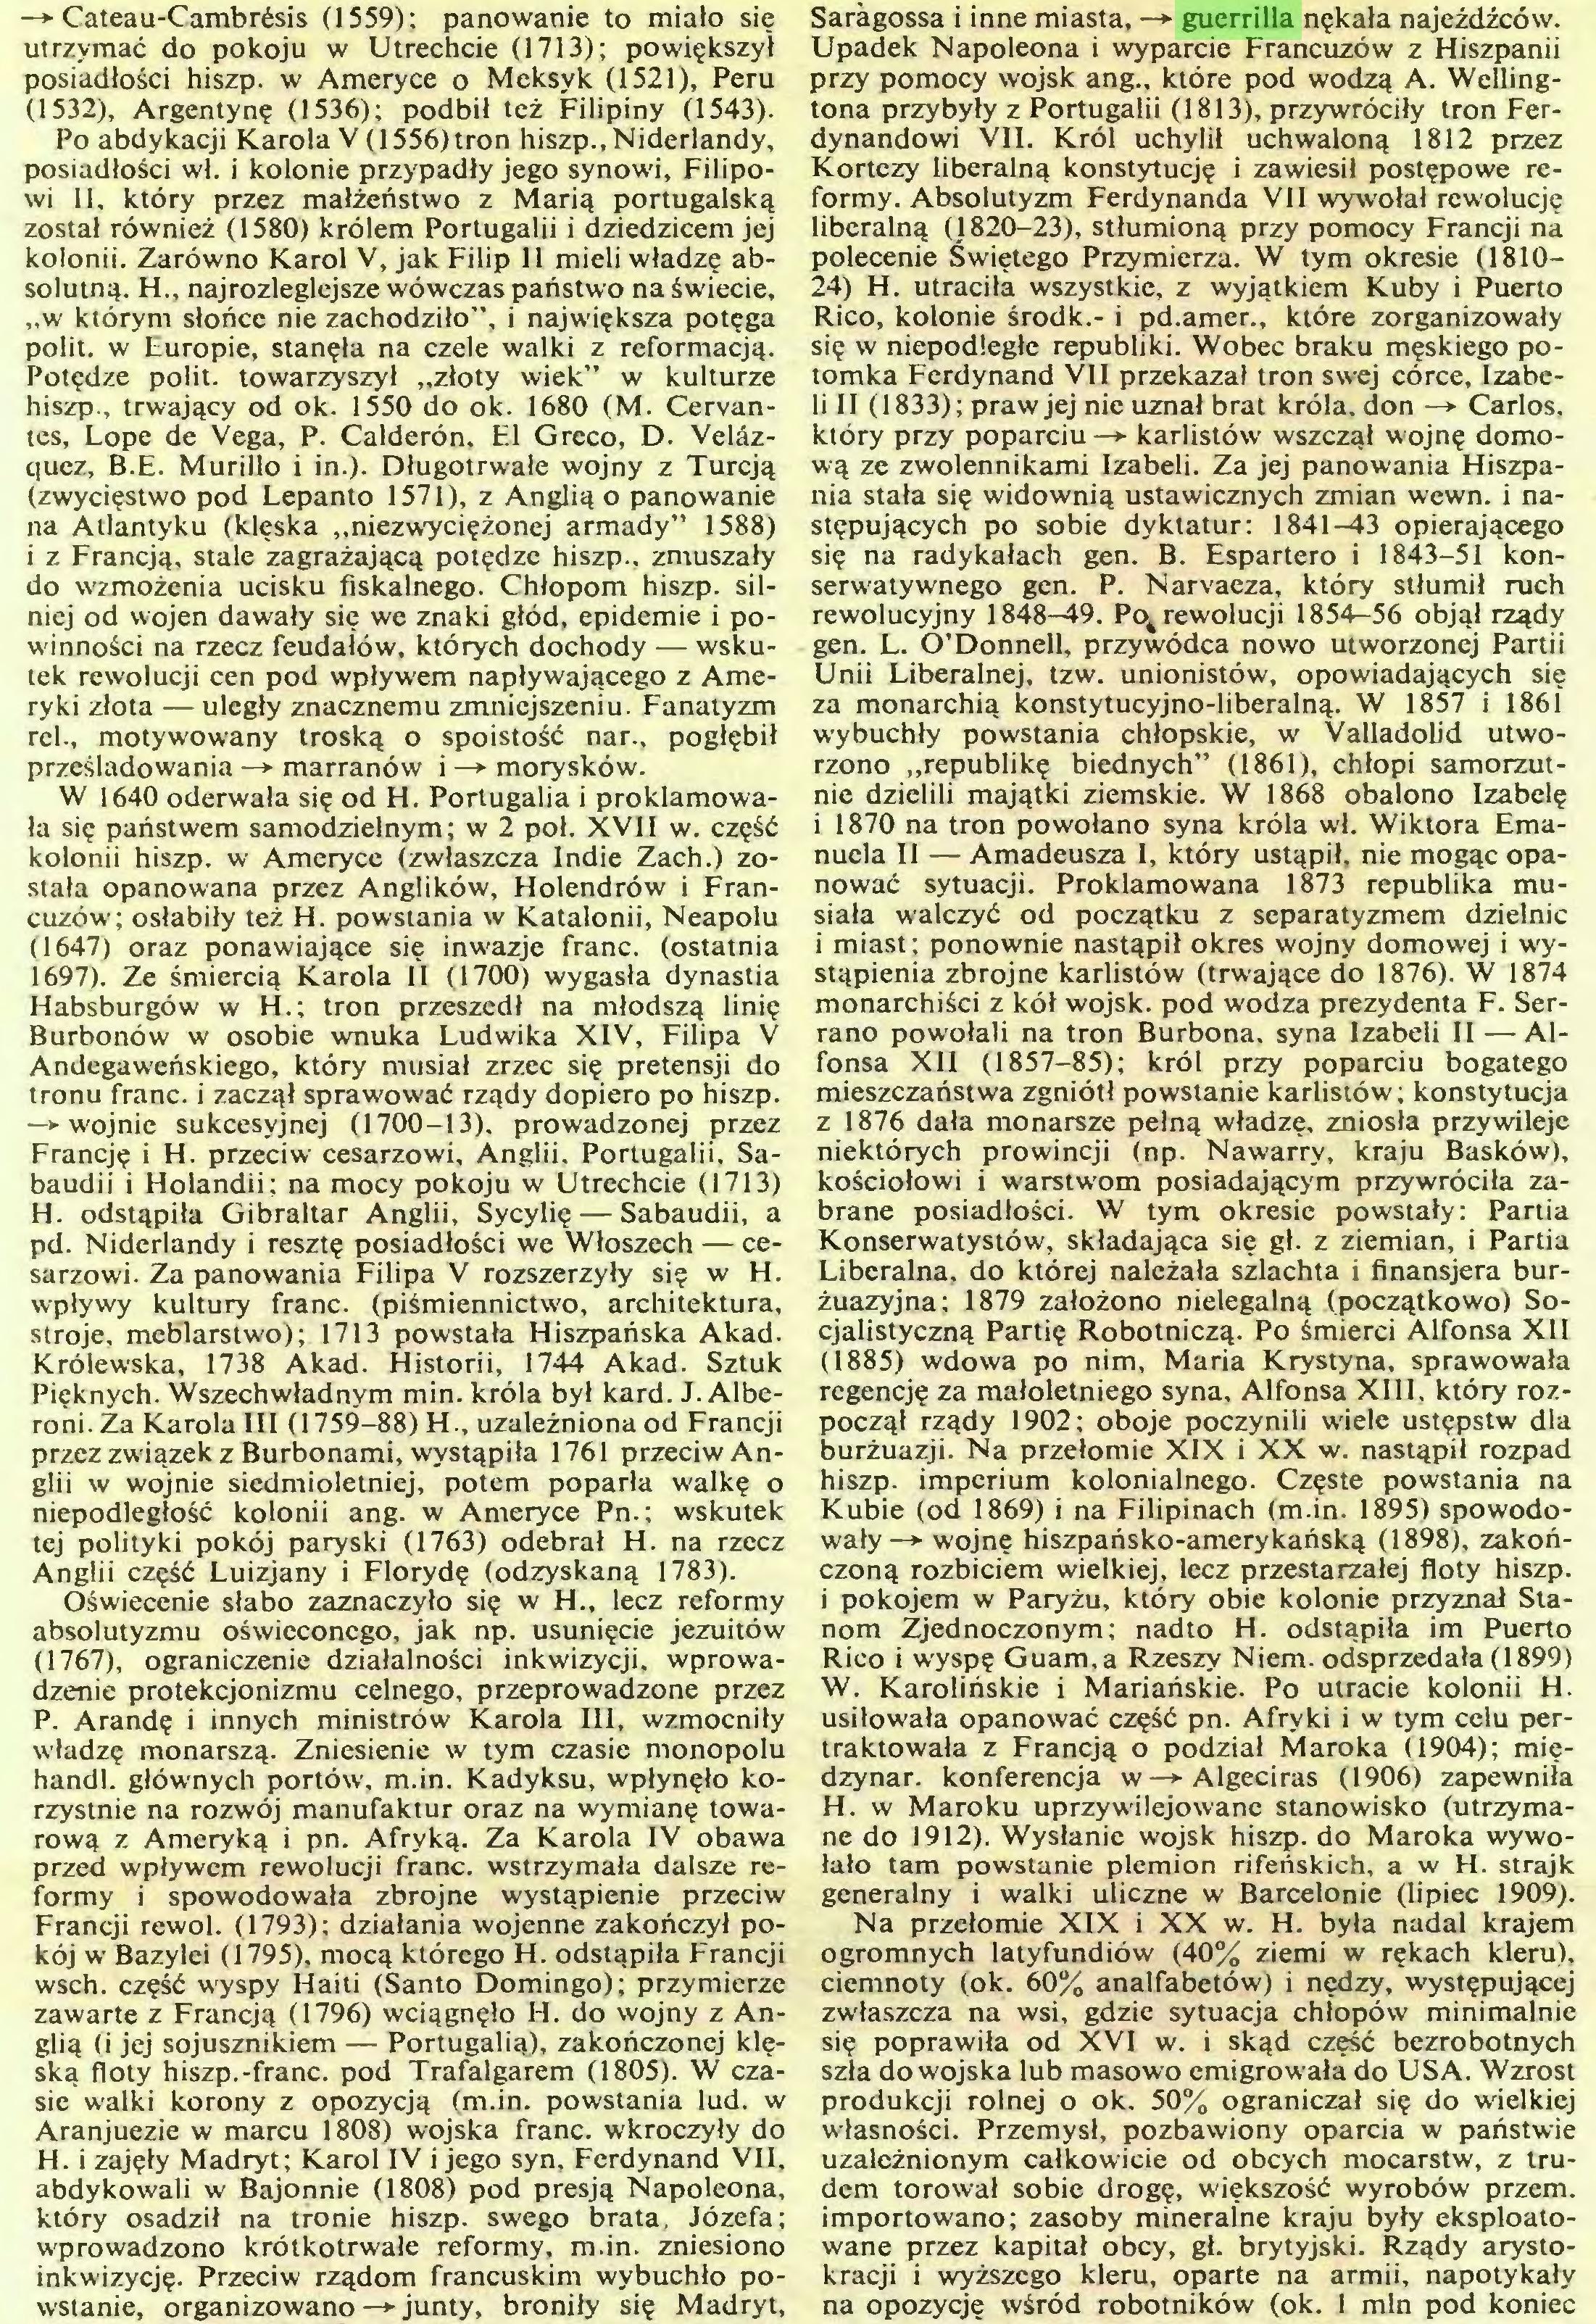 (...) który osadził na tronie hiszp. swego brata, Józefa; wprowadzono krótkotrwałe reformy, m.in. zniesiono inkwizycję. Przeciw rządom francuskim wybuchło powstanie, organizowano —*■ junty, broniły się Madryt, Saragossa i inne miasta, —*■ guerrilla nękała najeźdźców...